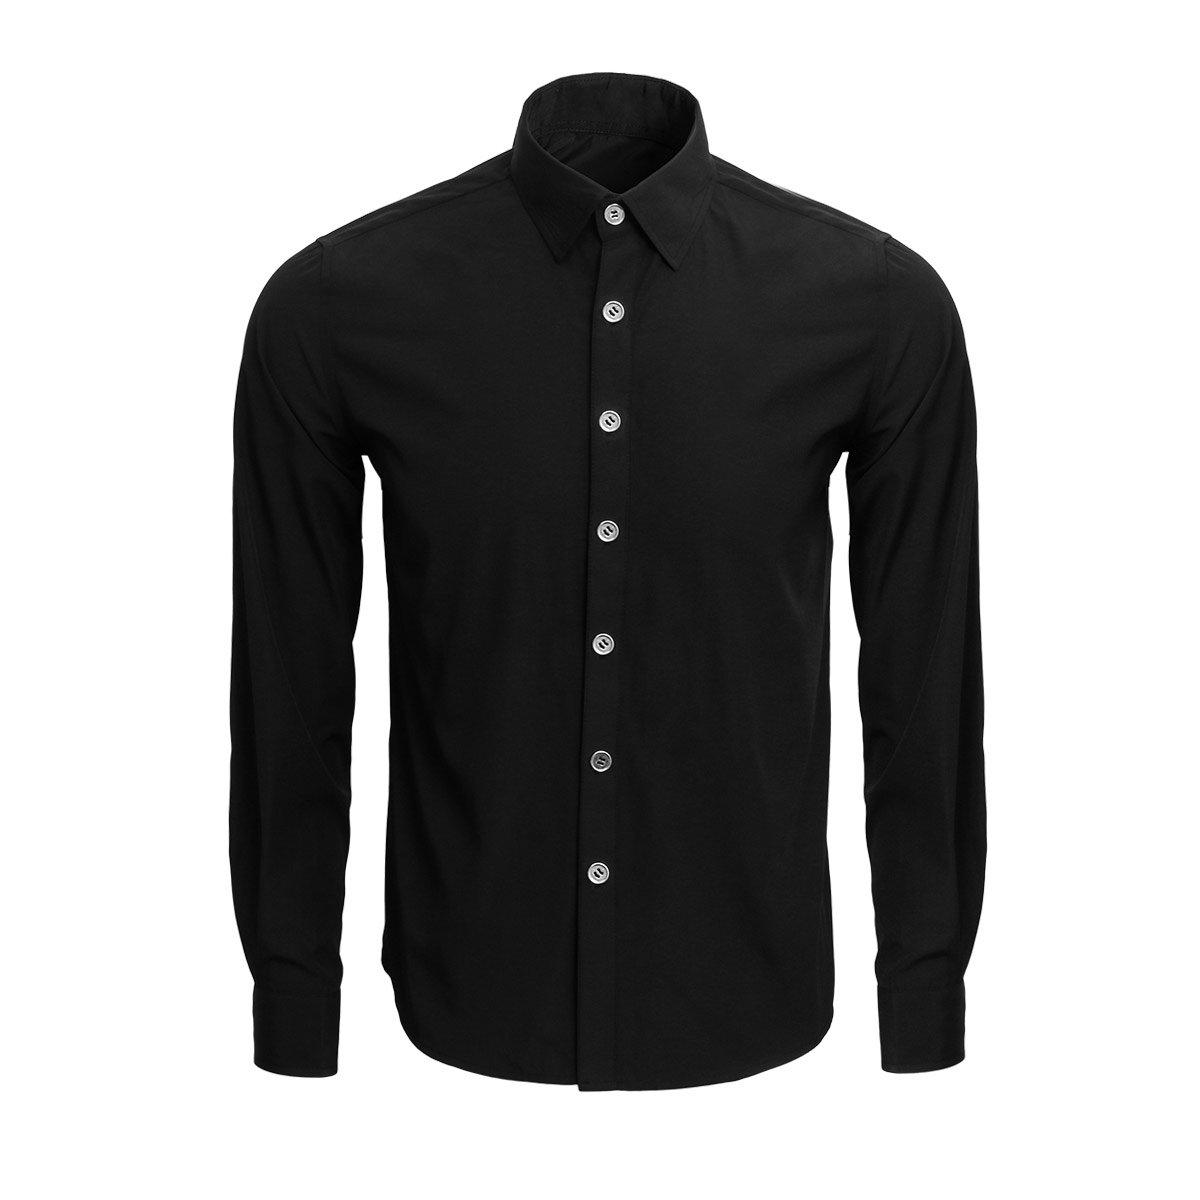 d8d6586c2ba 1920s Adult Men's Gangster Shirt, Vest and Tie Costume Accessories Set  Roaring 20s Fancy Dress up Outfit Suit (X-Large)